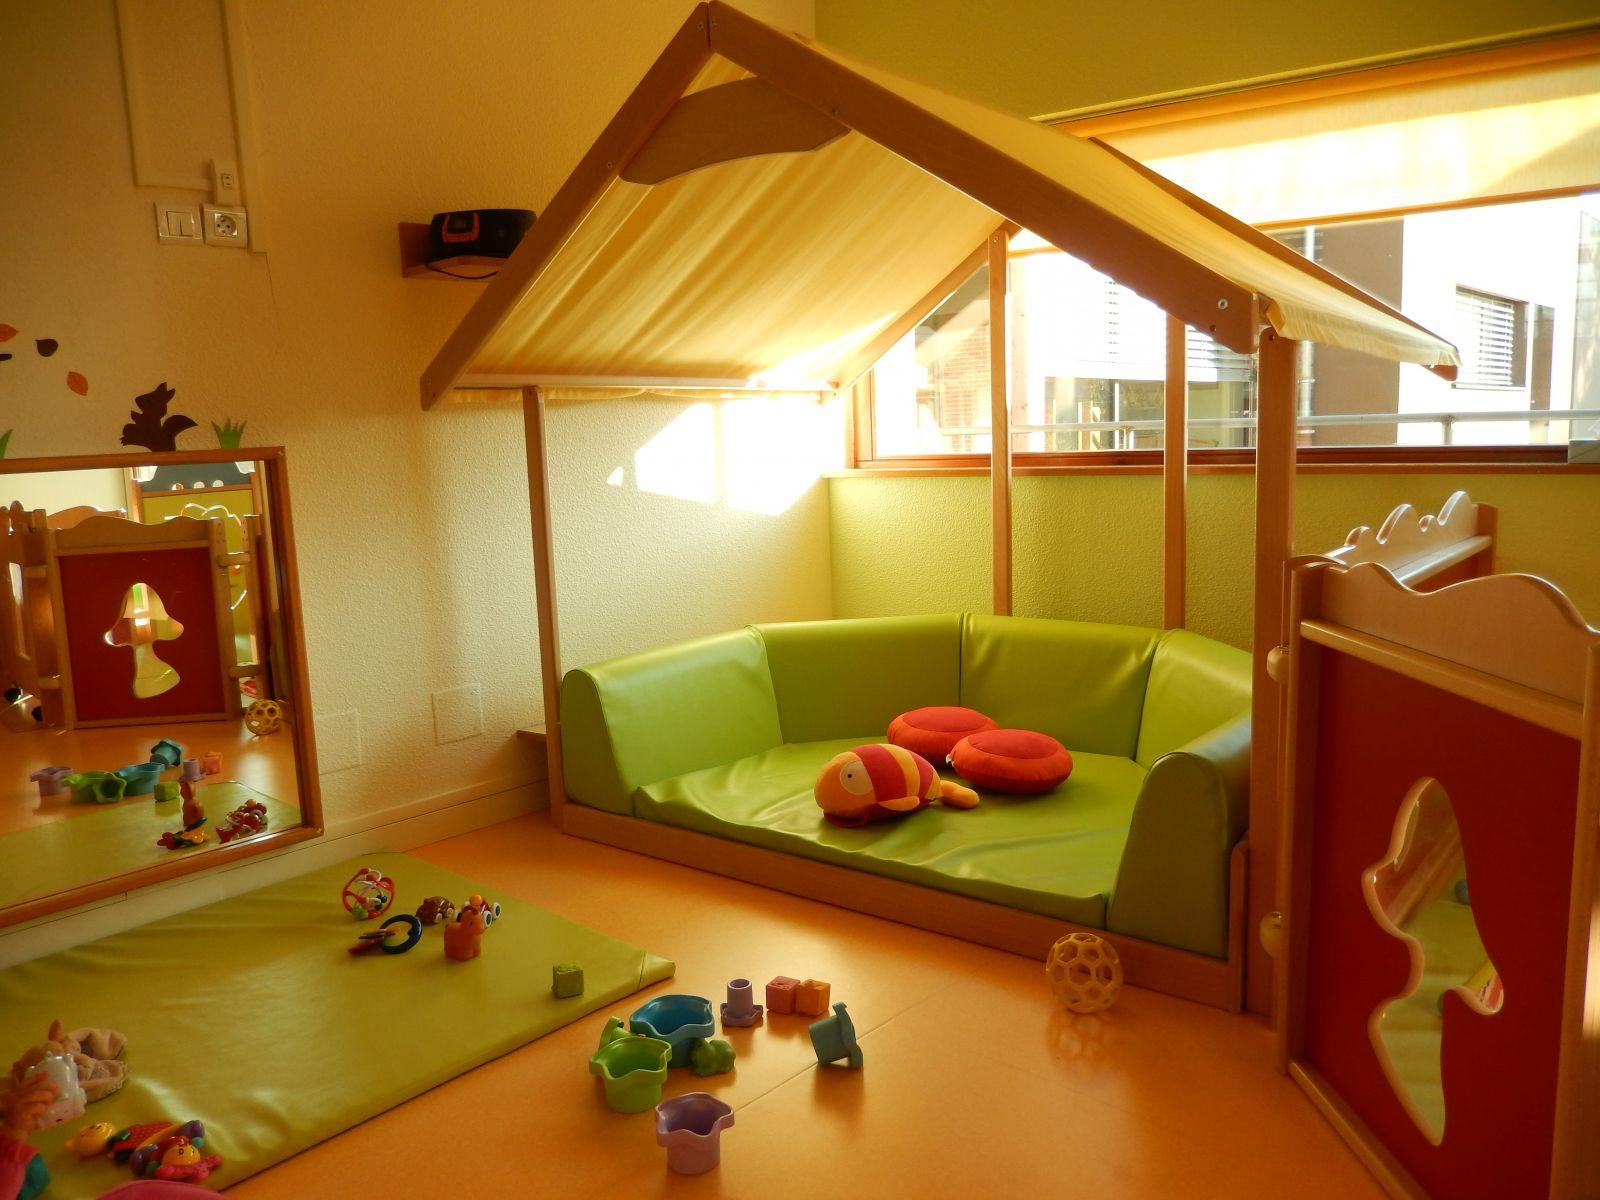 1 salle de jeux b b s 2 espace de jeux moyens 3 espace lecture grands - Salle de jeux pour enfants ...